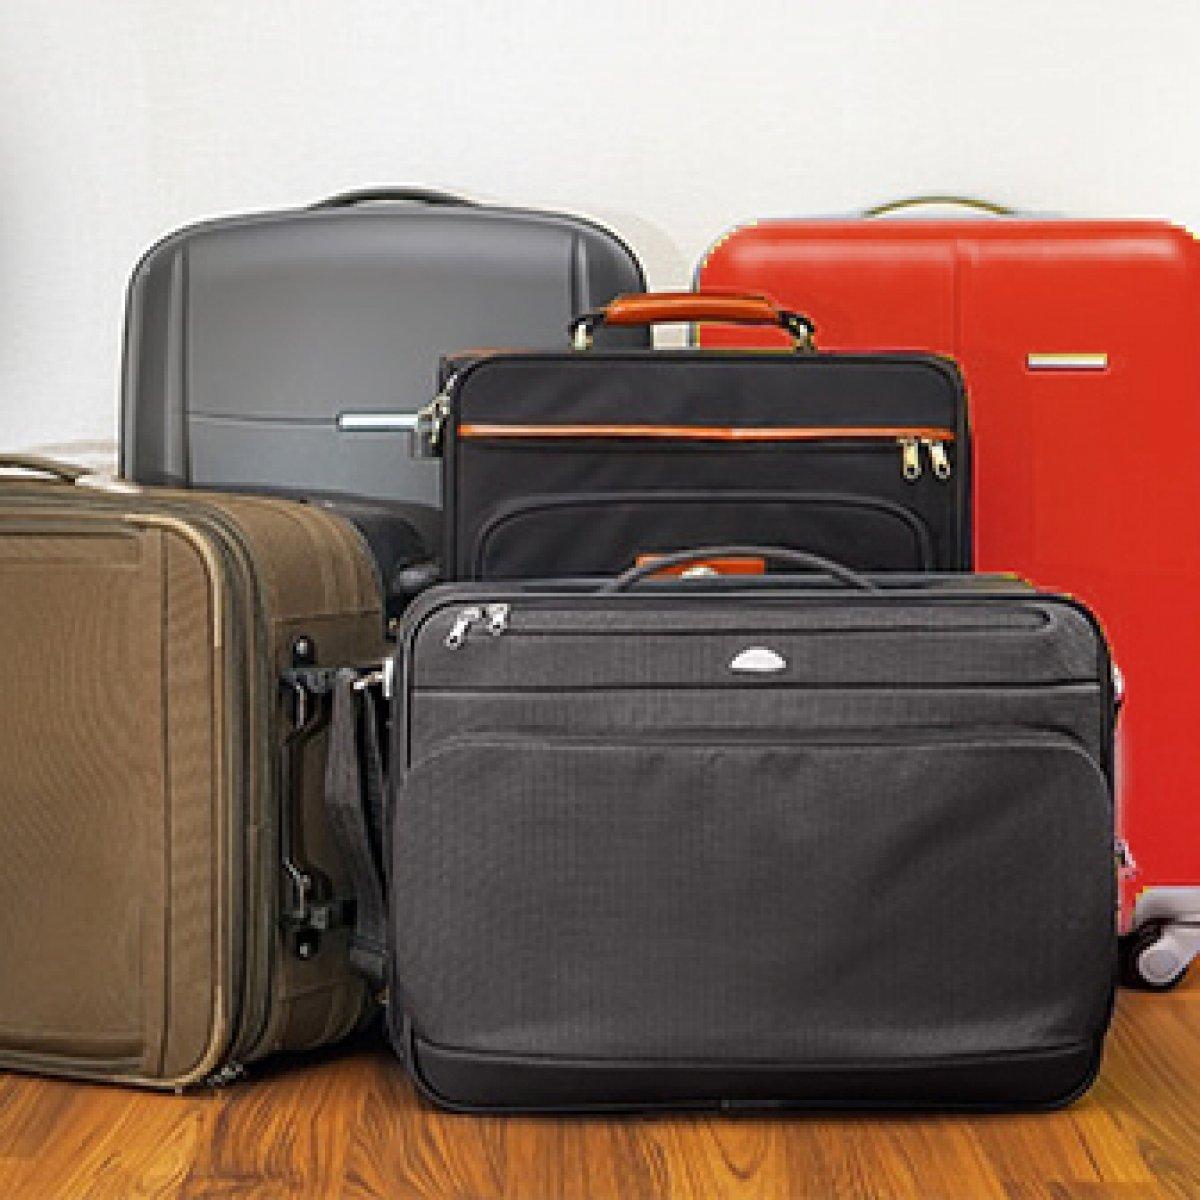 Βαλίτσες - Σακίδια | Mymegamarket.gr